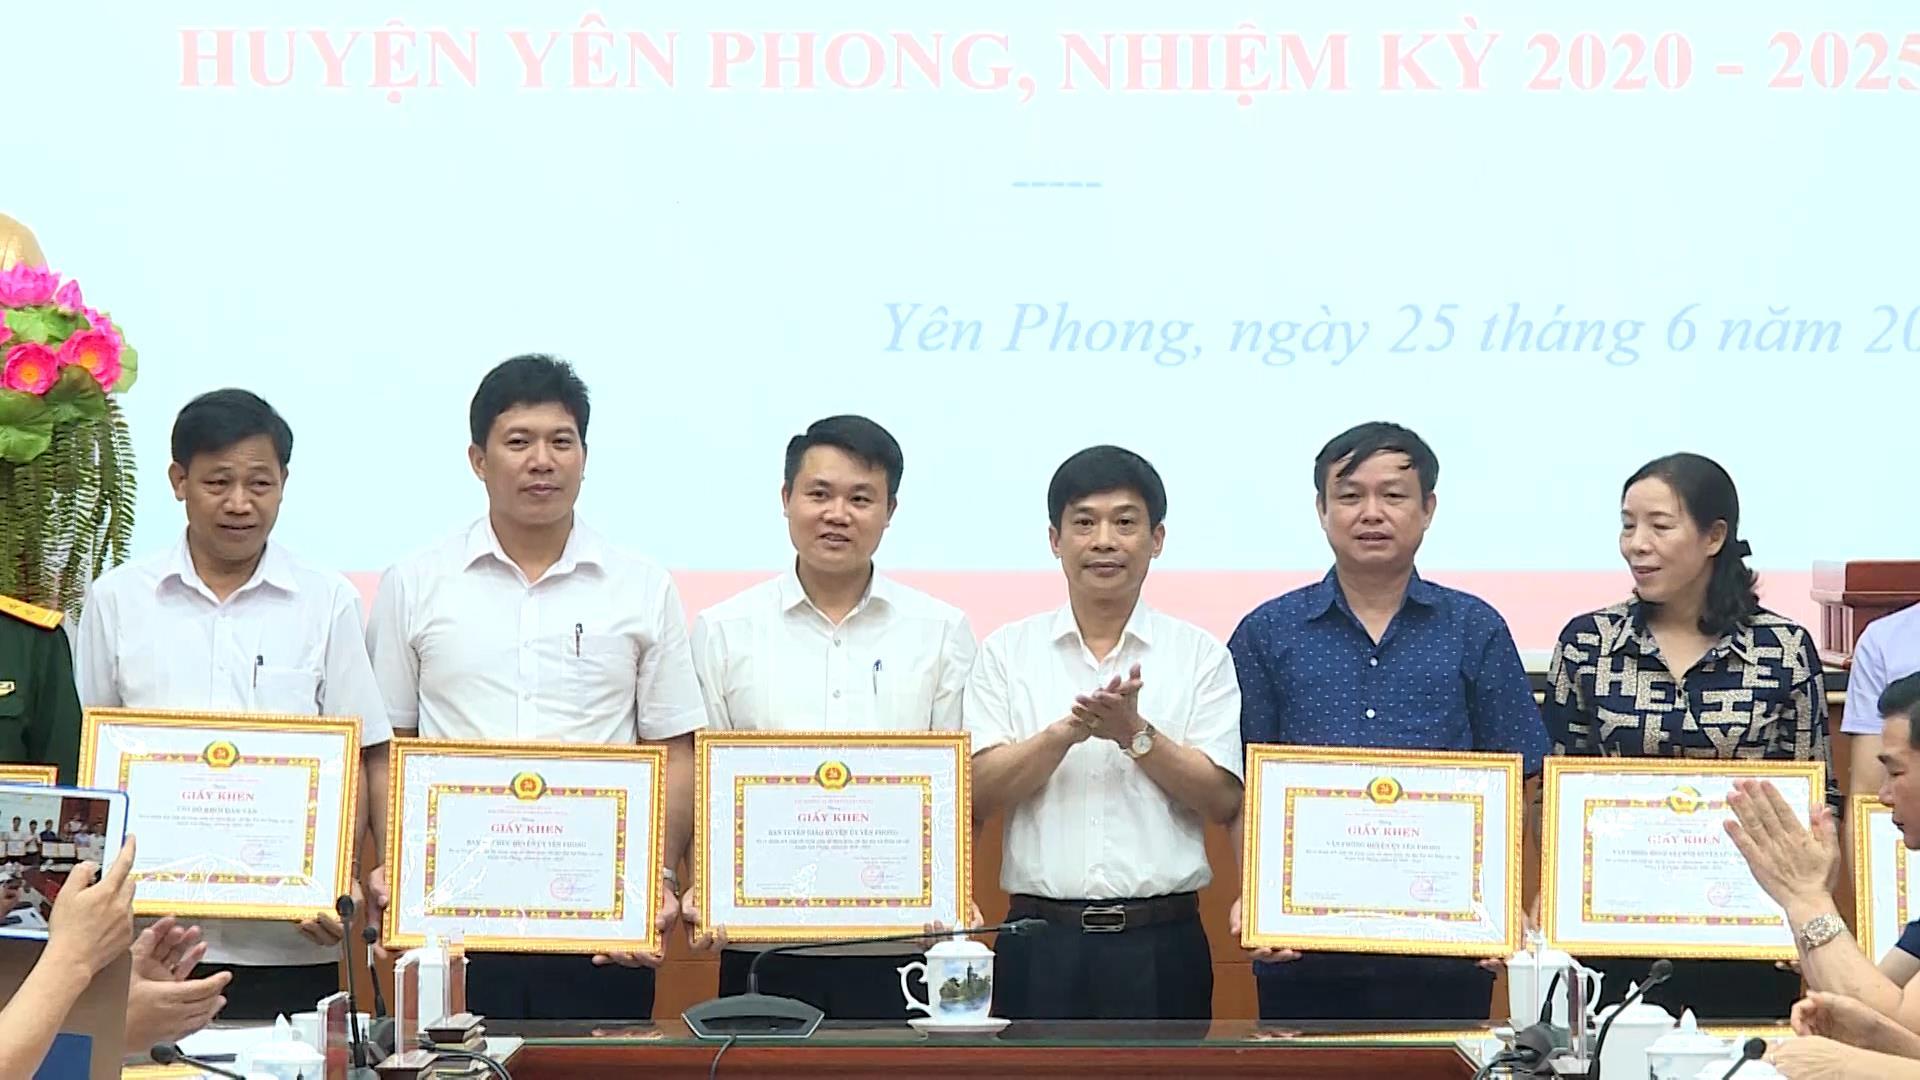 Huyện Yên Phong tổng kết Đại hội Đảng các cấp nhiệm kỳ 2020-2025